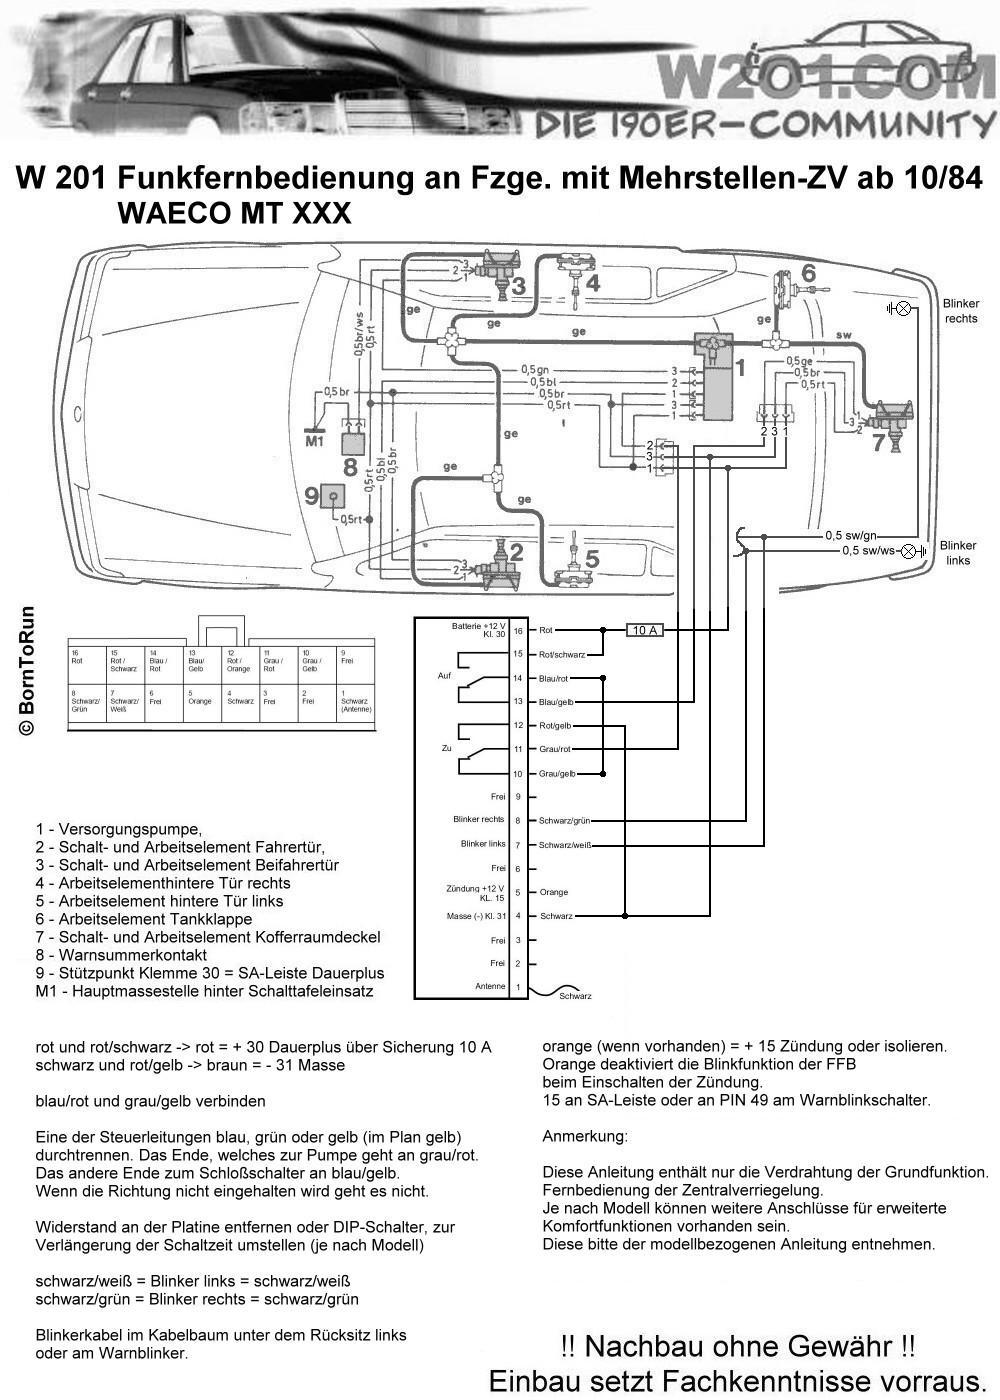 Wunderbar Schaltplan Für Die Türverriegelung Galerie - Elektrische ...